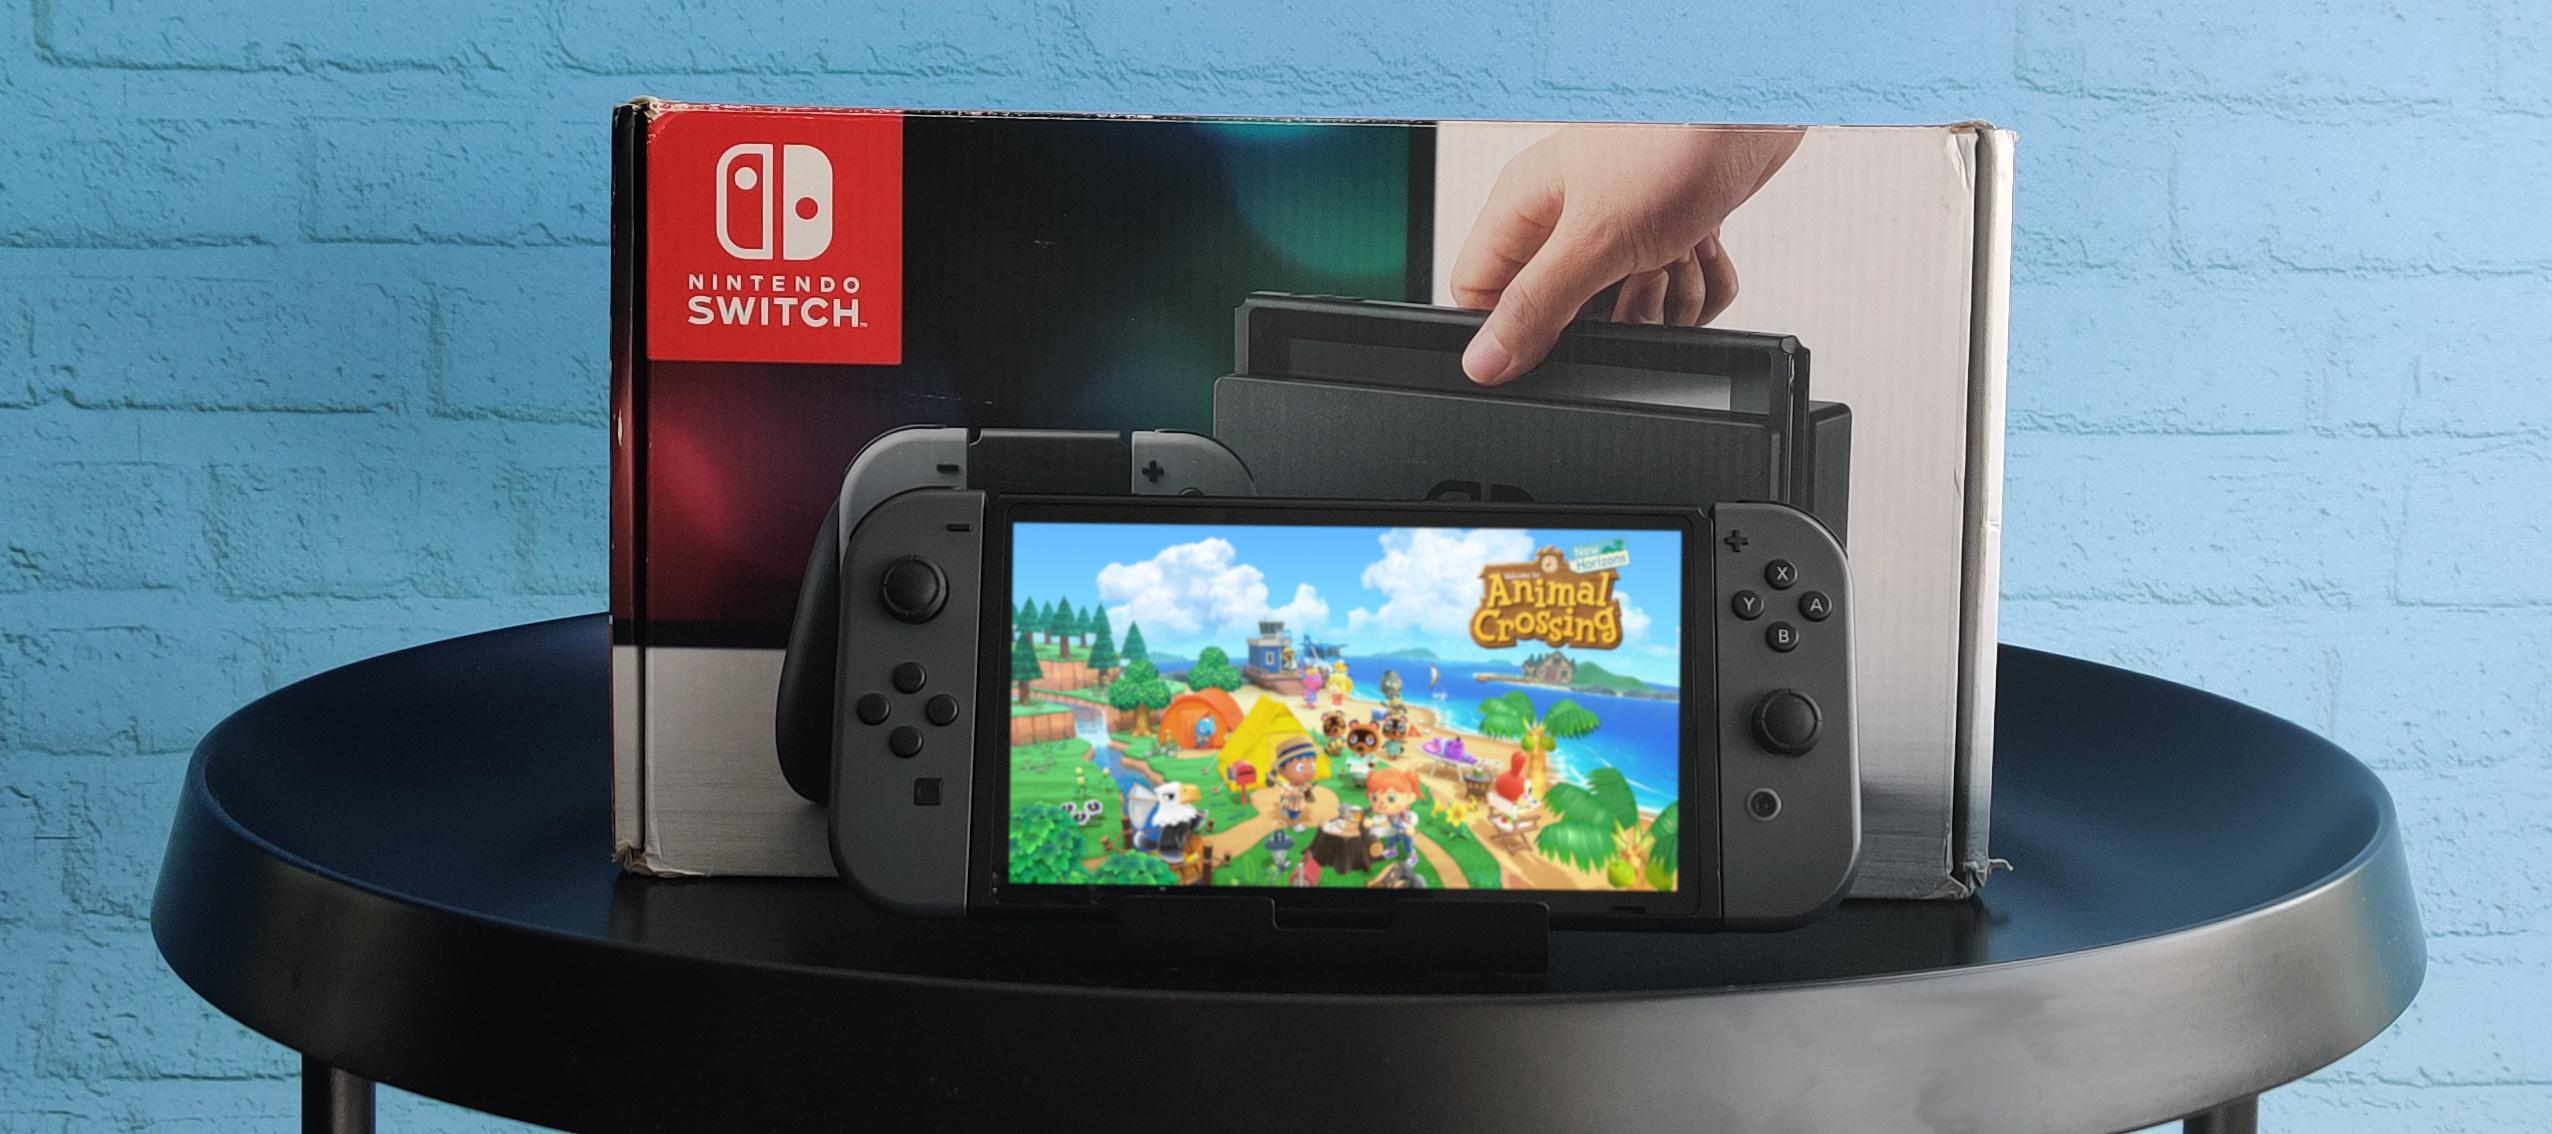 Nintendo Switch - Spiele testen bis die Konsole raucht!